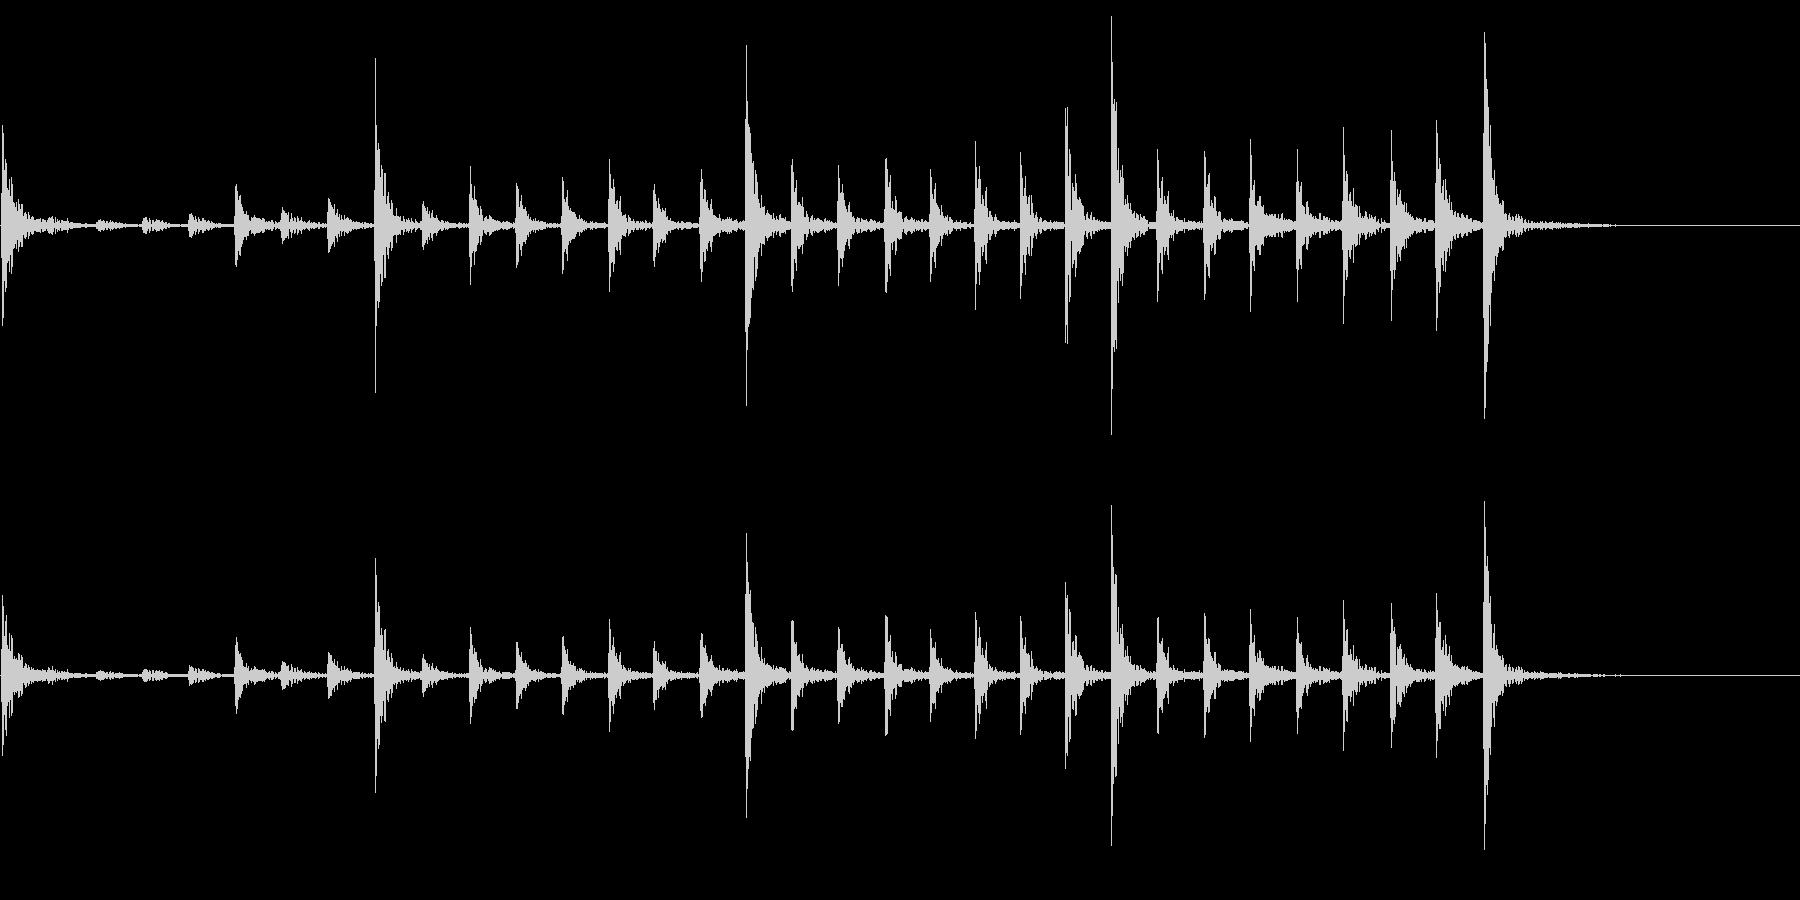 低音:遅いリズム、漫画コメディパー...の未再生の波形